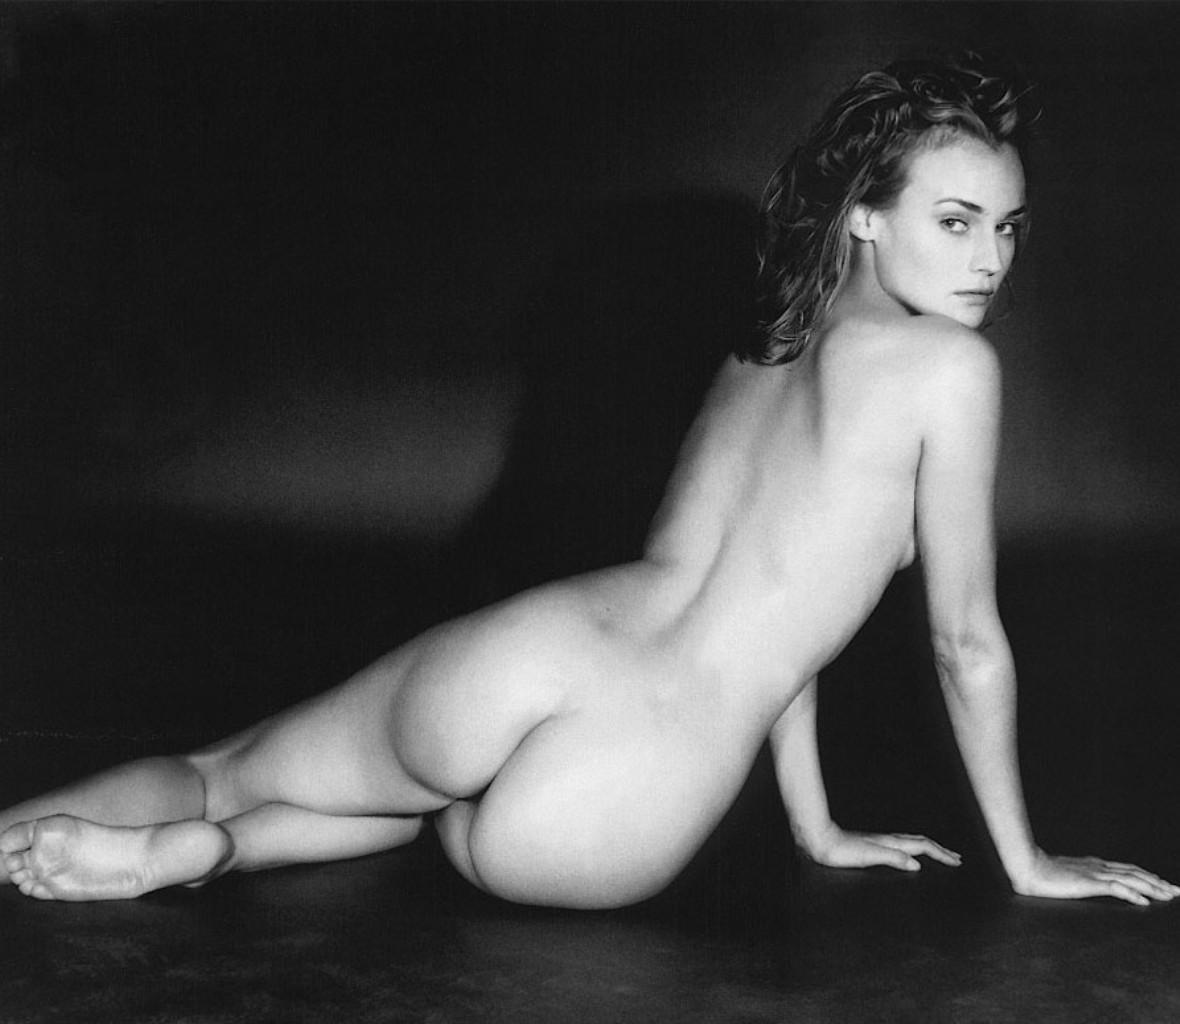 Nude celebs leaked pics pics